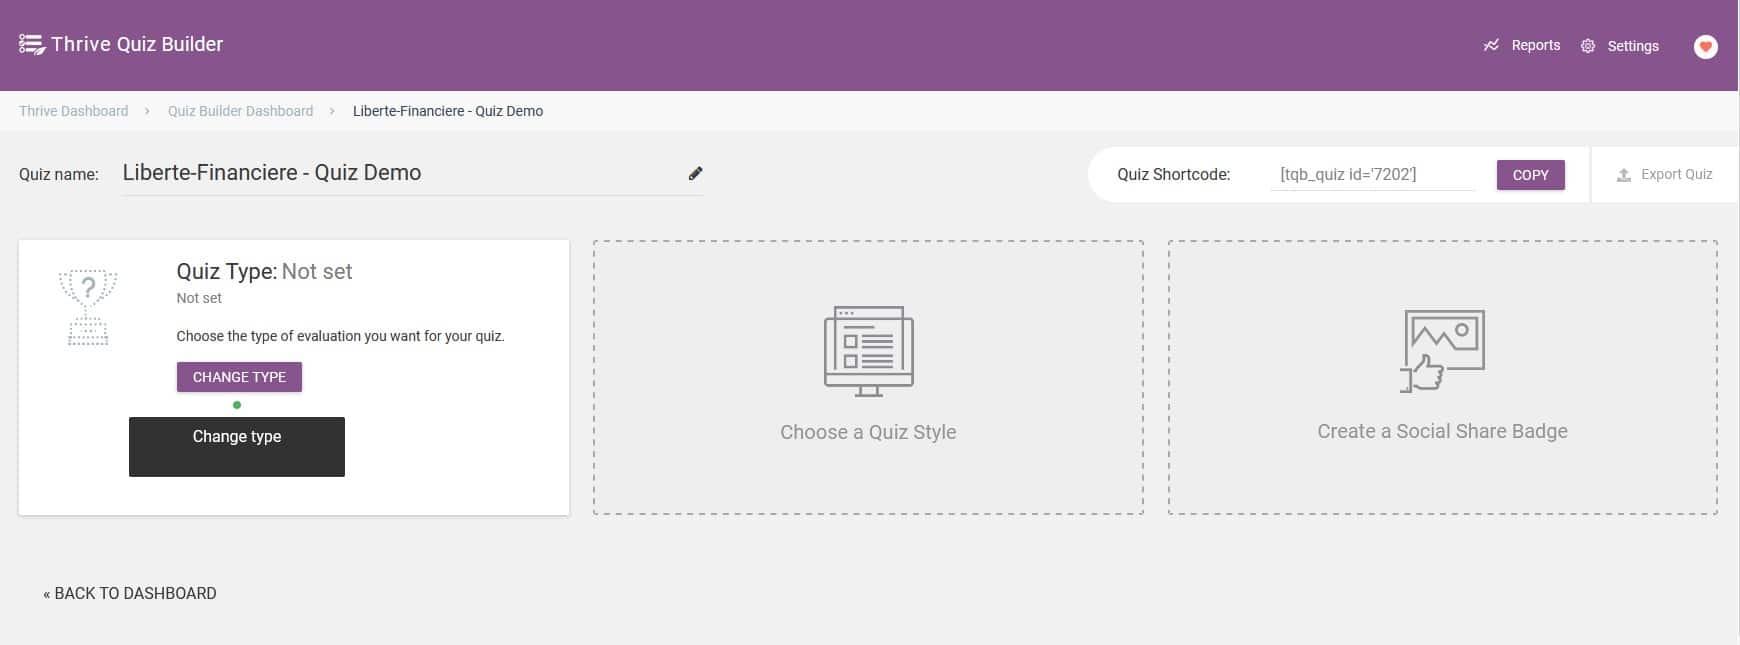 Thrive Quiz Builder - Accéder au framework de votre Quiz